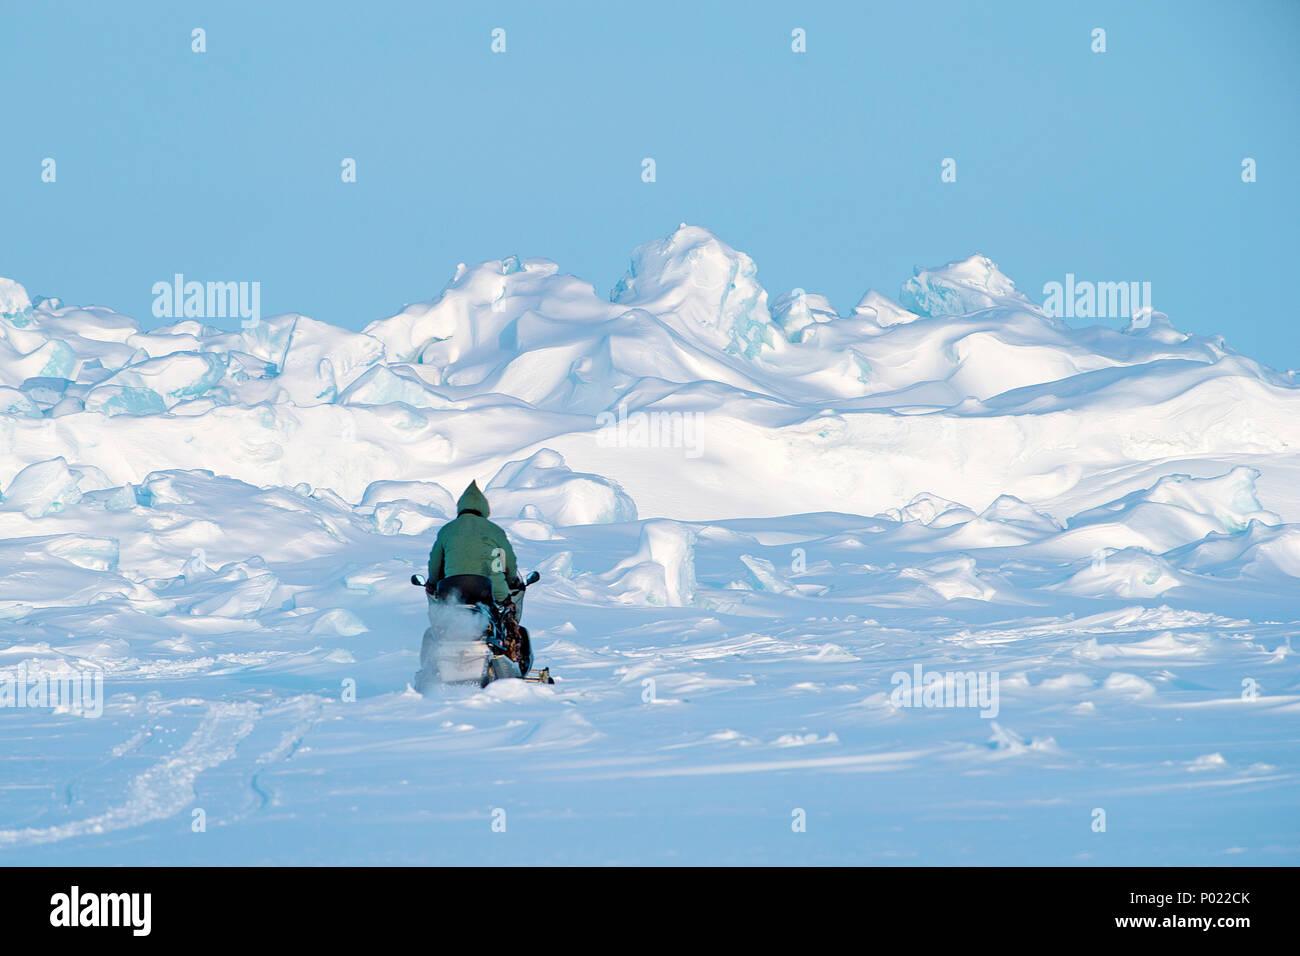 Inuit auf Schneemobil im Nunavut Territorium, Kanada | Inuit on snowmobil at Nunavut teritorry, Canada - Stock Image